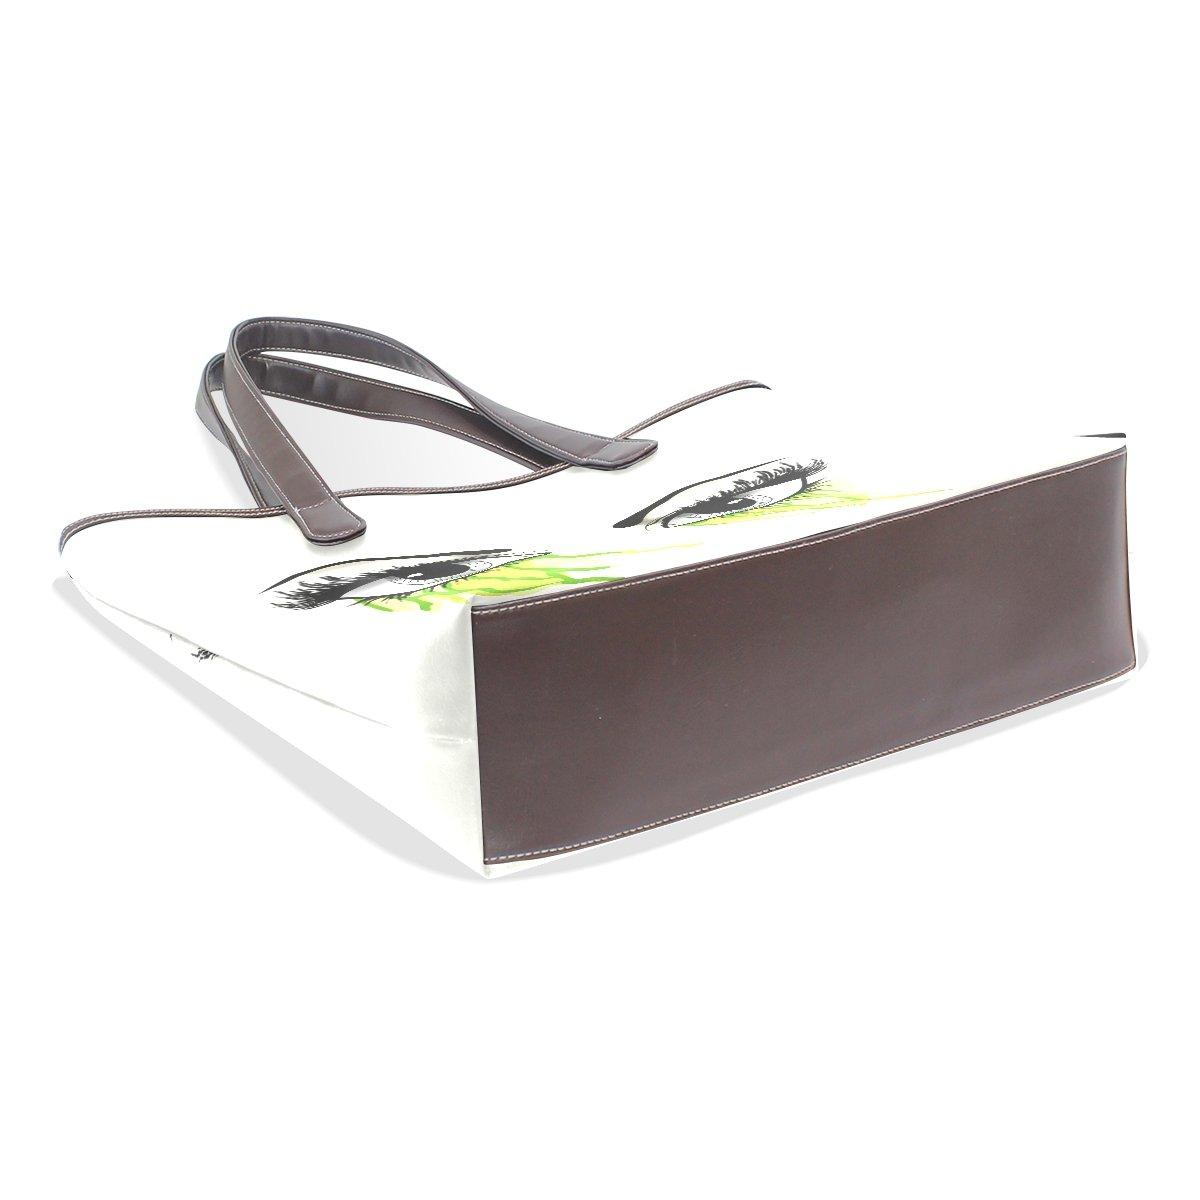 Mr.Weng Household Bloody Green Large Lady Handbag Tote Bag Zipper Shoulder Bag